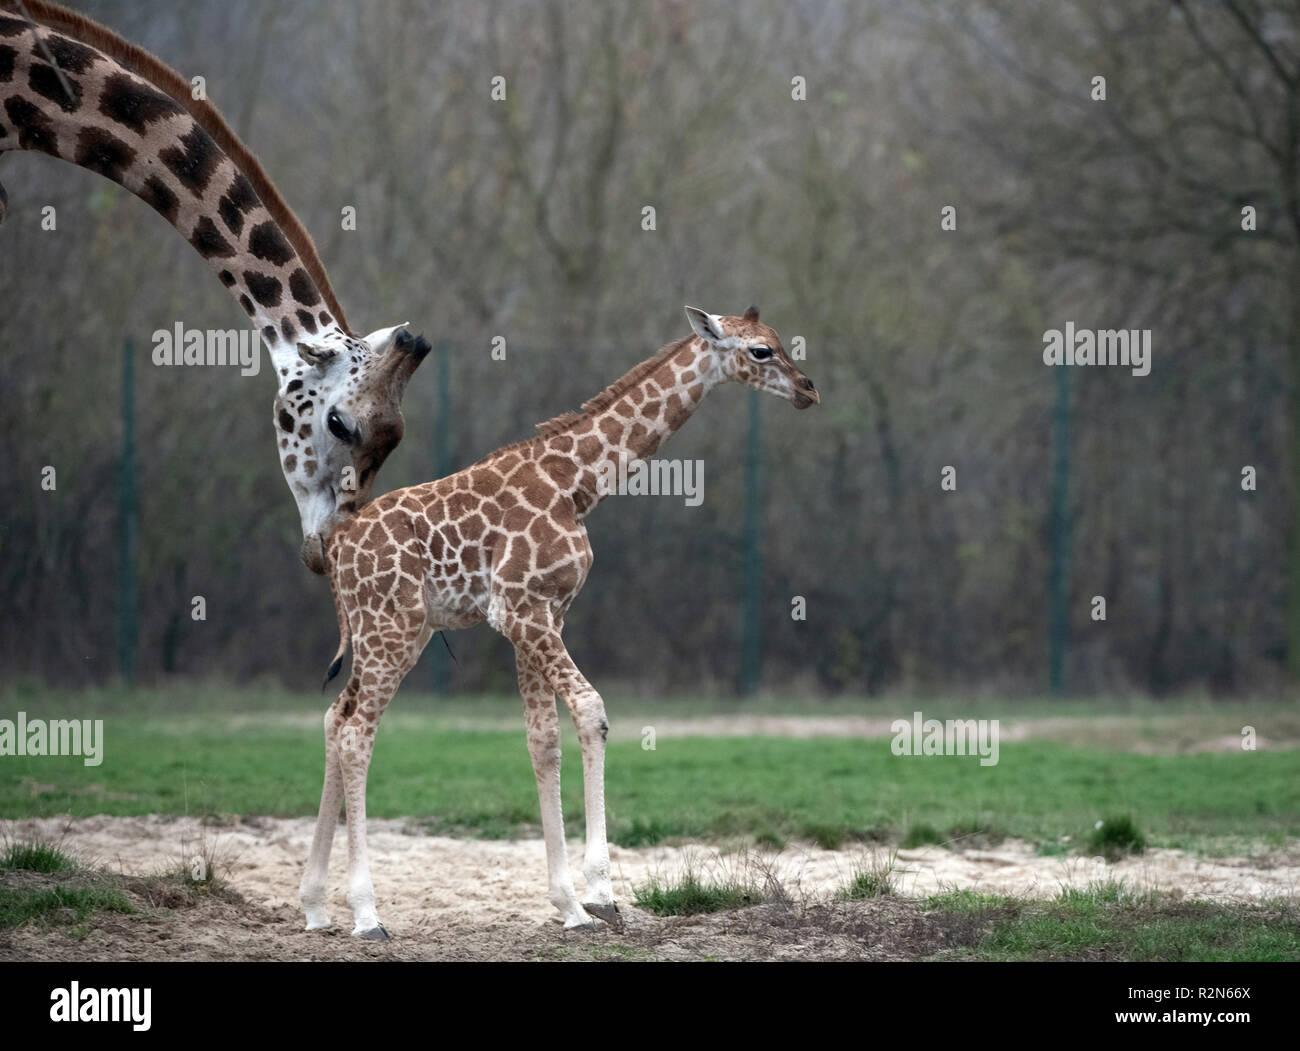 Berlín, Alemania. 20 Nov, 2018. Giraffe descendencia Ella explora el recinto al aire libre en el Tierpark Berlín con el rebaño por primera vez. Señora jirafa Amalka (5) dio nacimiento a la joven animal el 3 de noviembre de 2018. El nombre de la joven animal también fue anunciado en la conferencia de prensa. Crédito: Paul Zinken/dpa/Alamy Live News Imagen De Stock